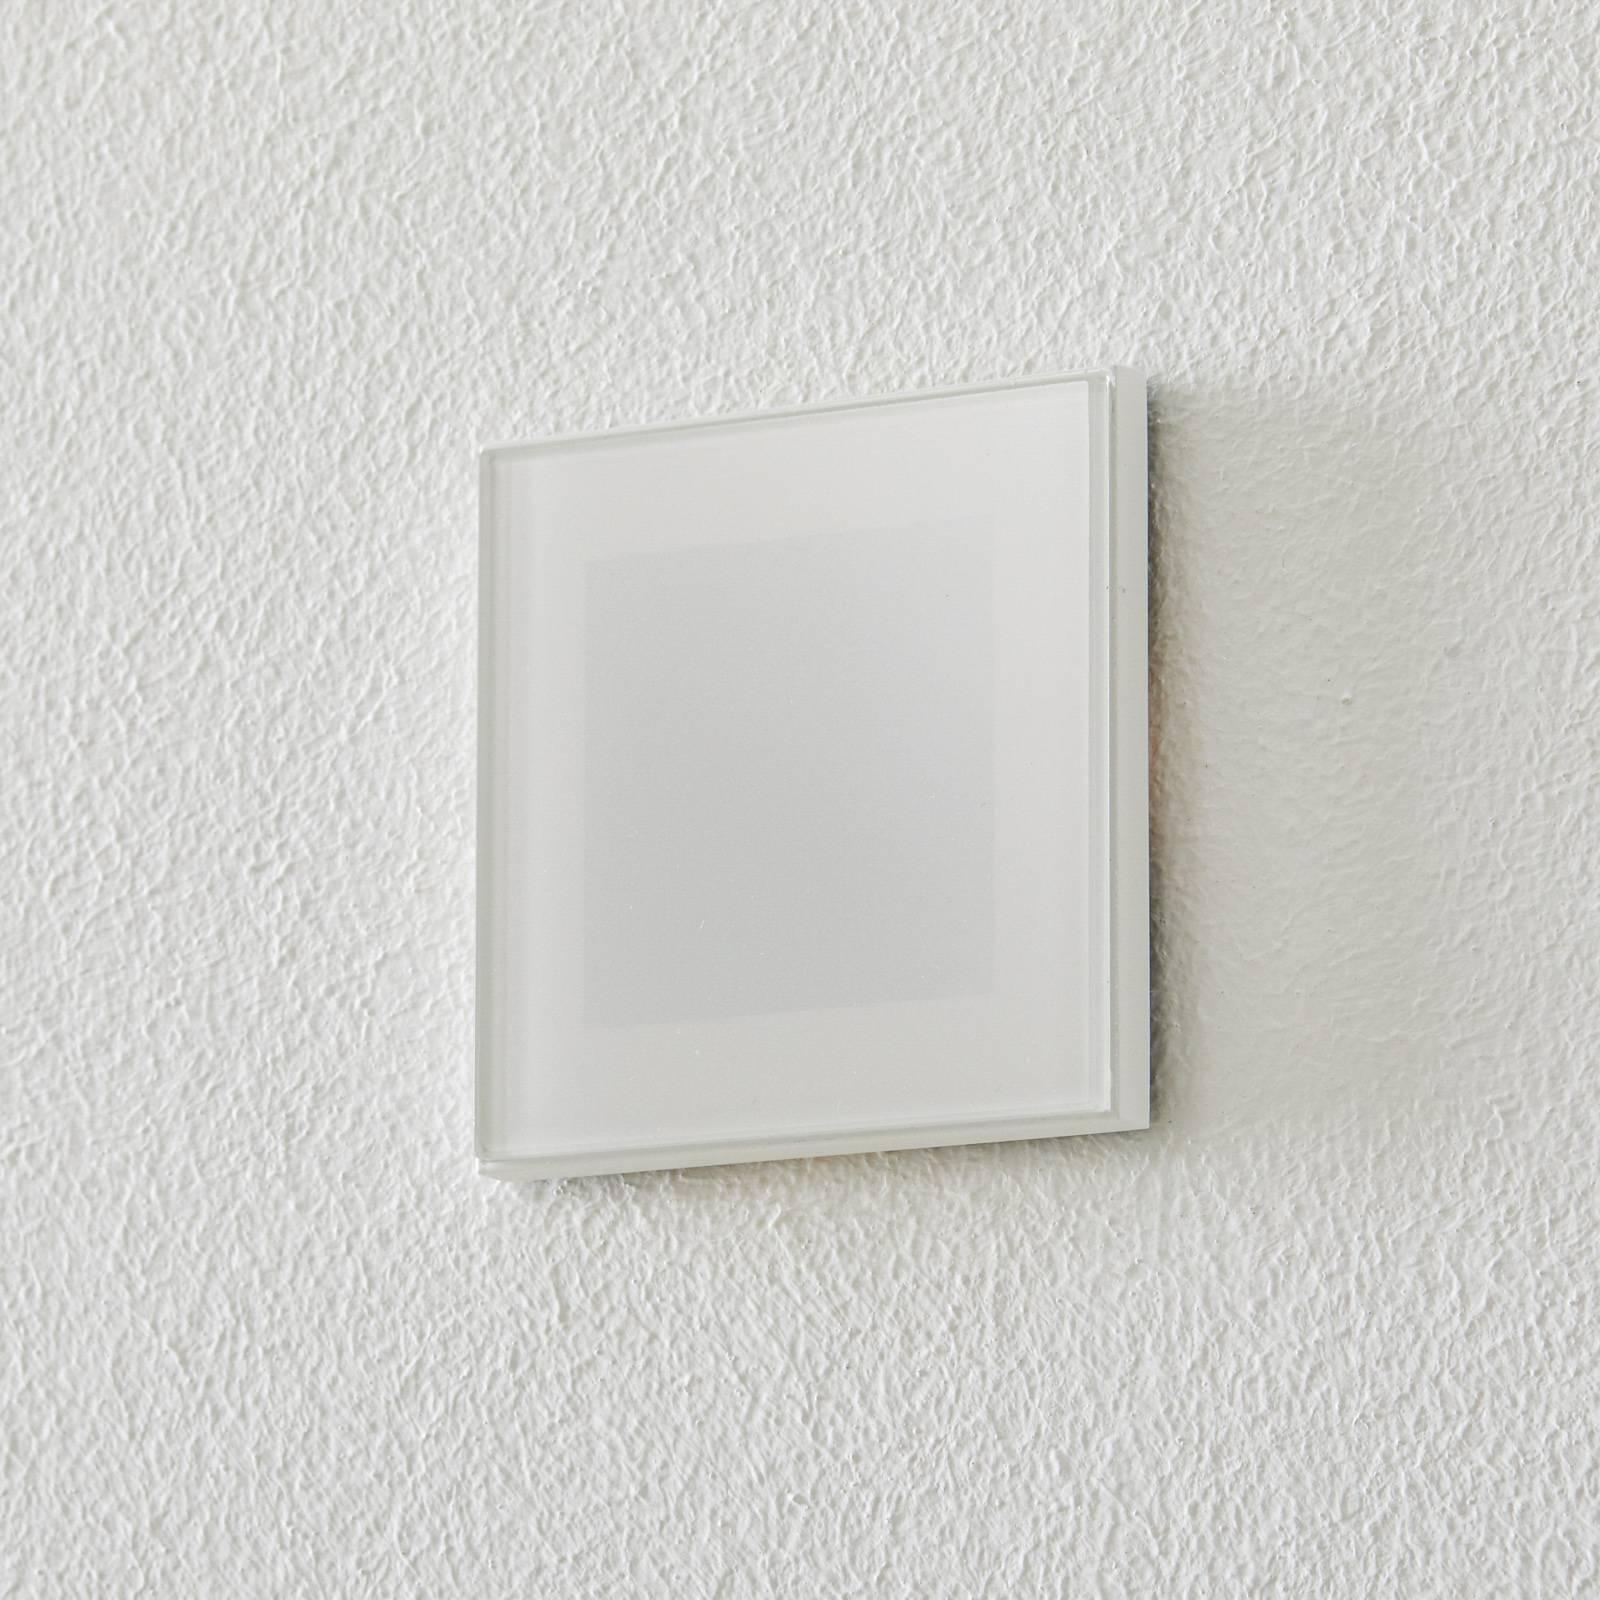 BEGA Accenta seinä kulmikas rengas valkoinen 315lm